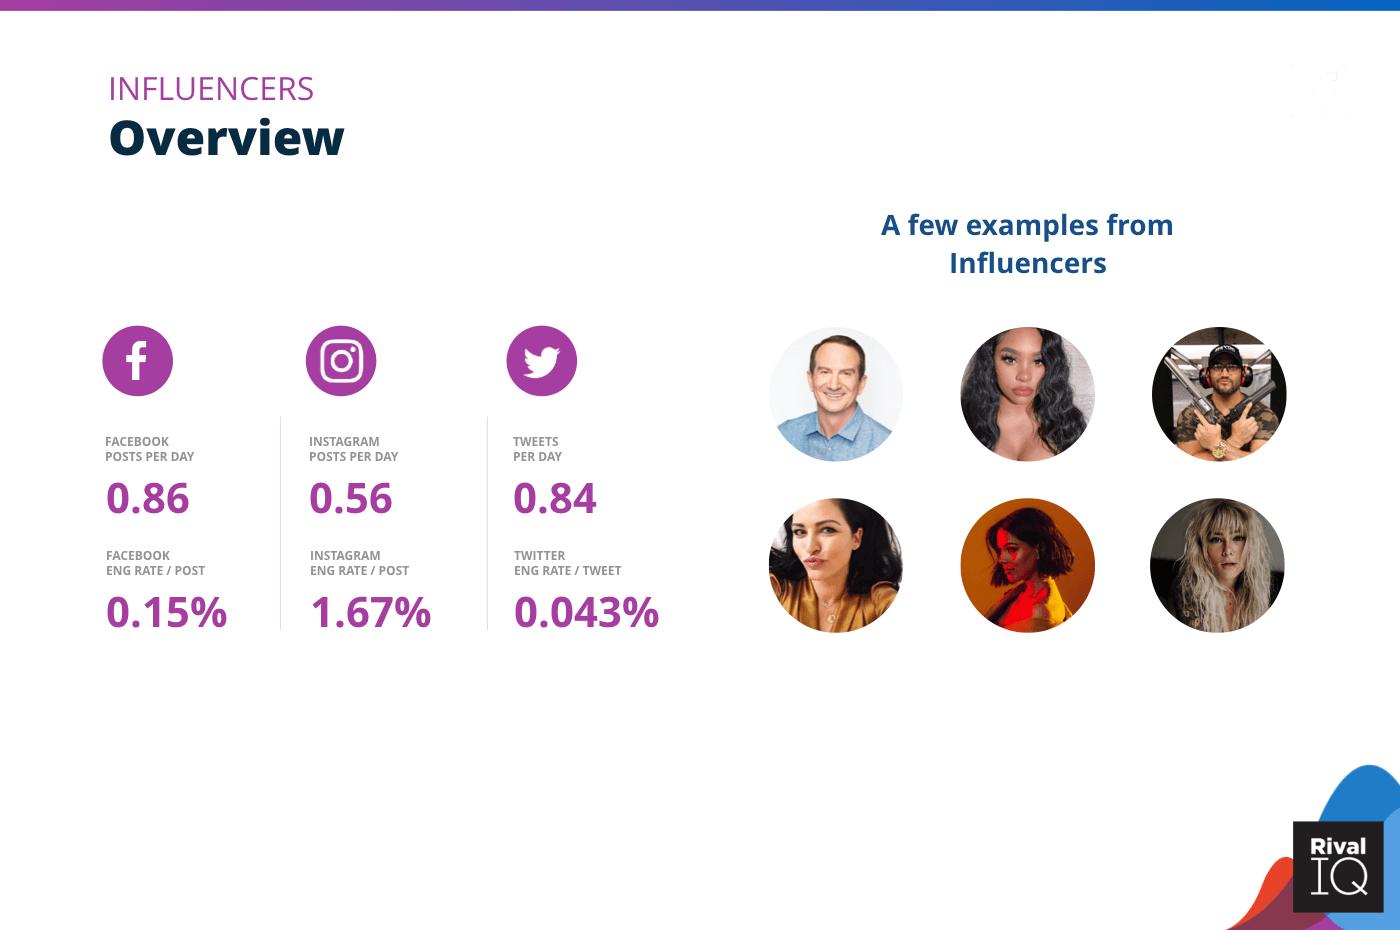 Infographie sur l'engagement obtenus par les influenceurs sur les réseaux sociaux.